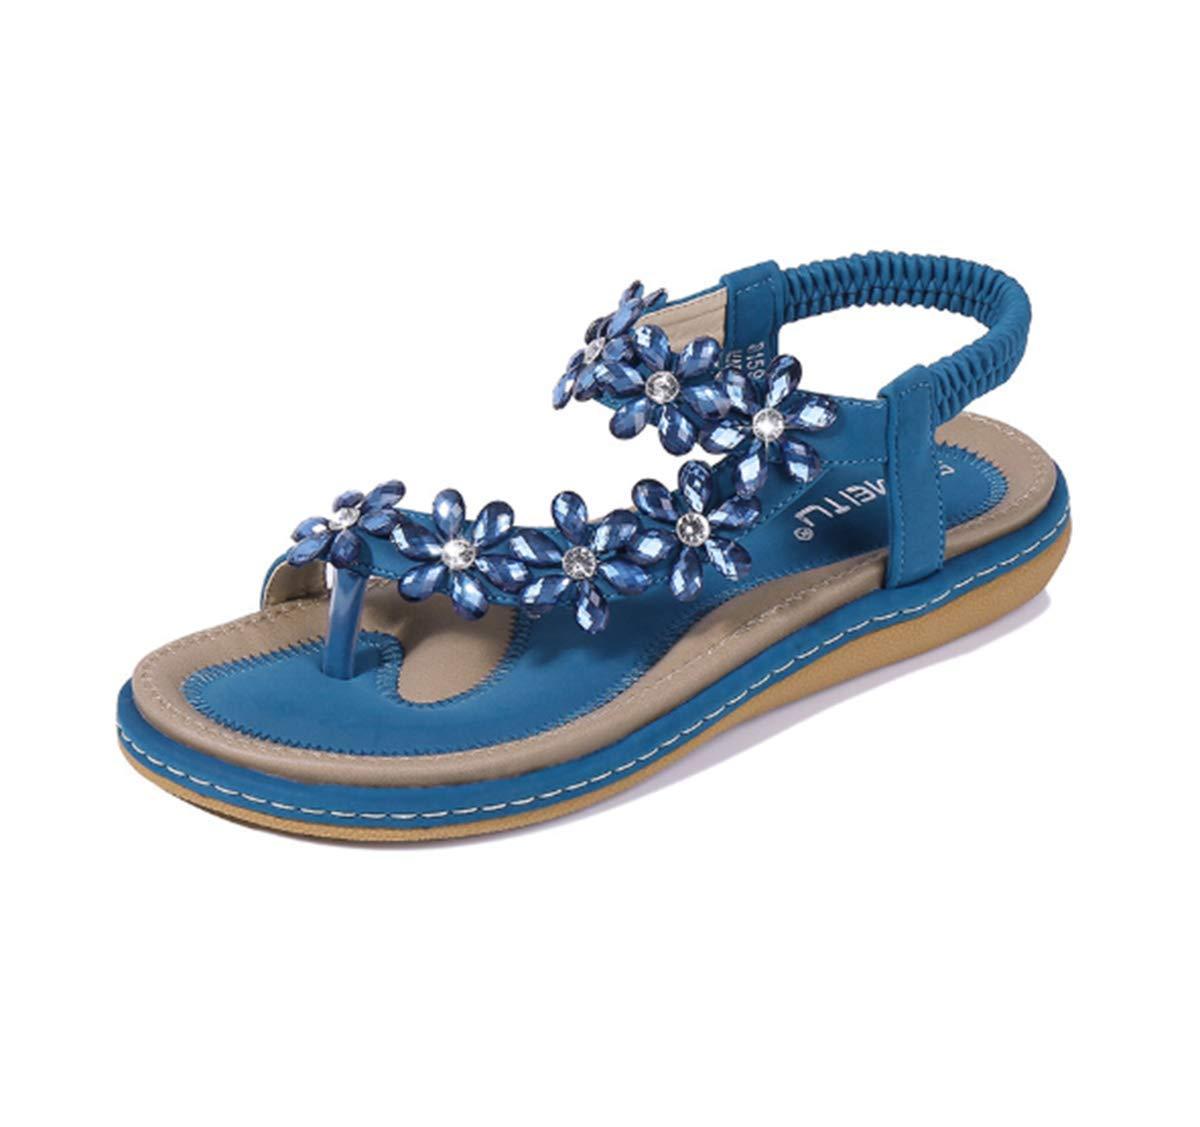 HNGHOU Women's Casual Flip Flops Beach Shoes Summer Beach Thong Flat Sandal